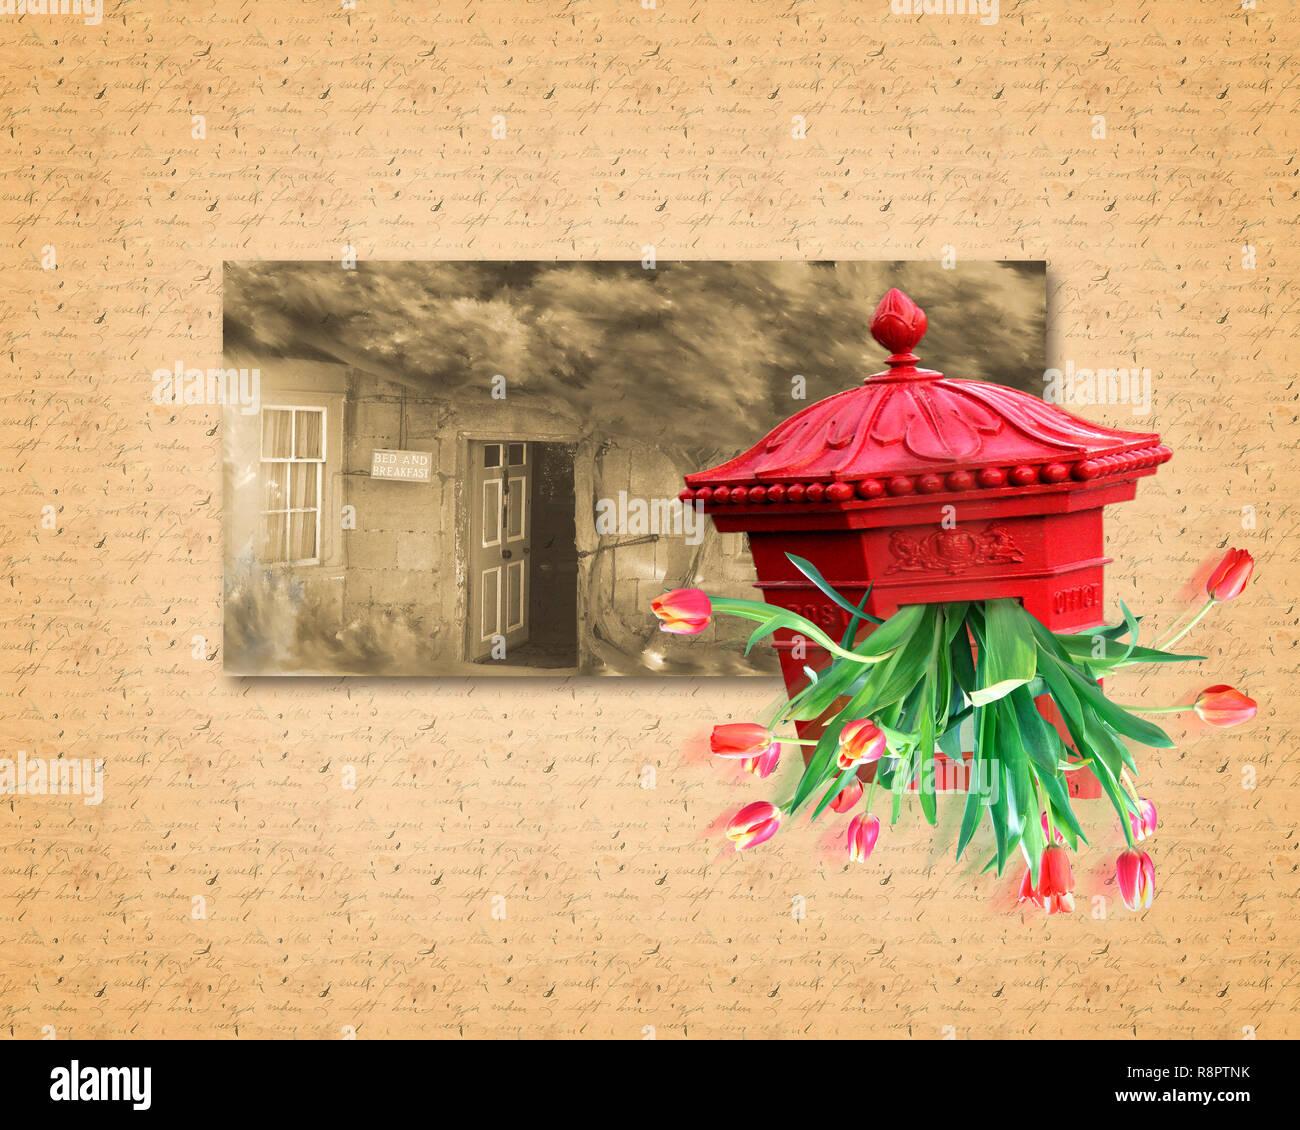 Konzept FOTOGRAFIE: Grußkarten-Design Stockbild